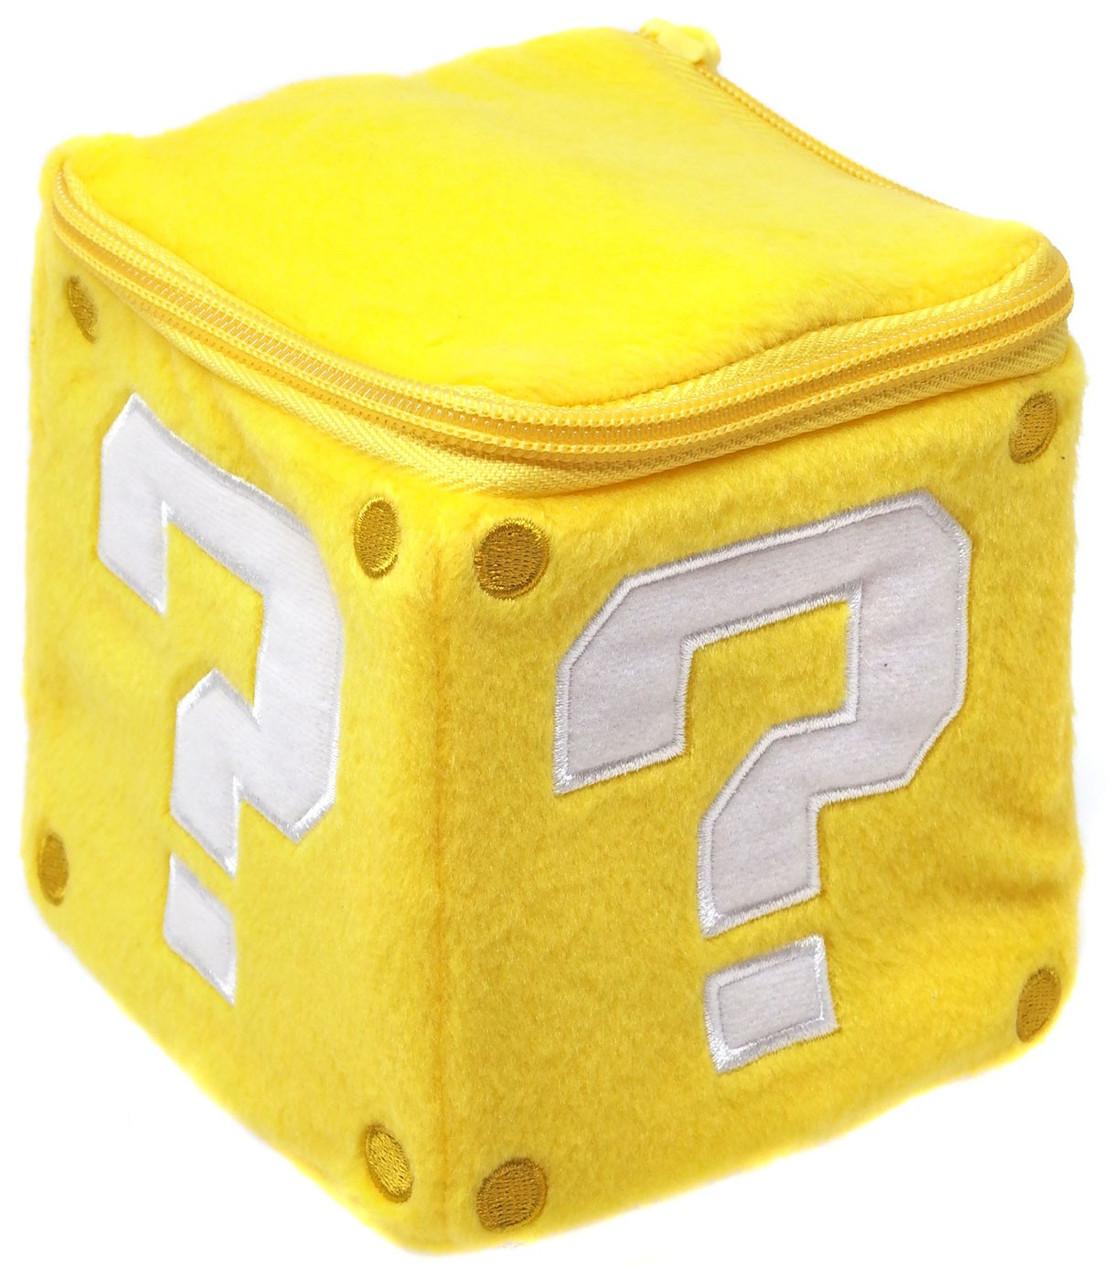 Super Mario Bros Coin Box 5-Inch Plush Pillow